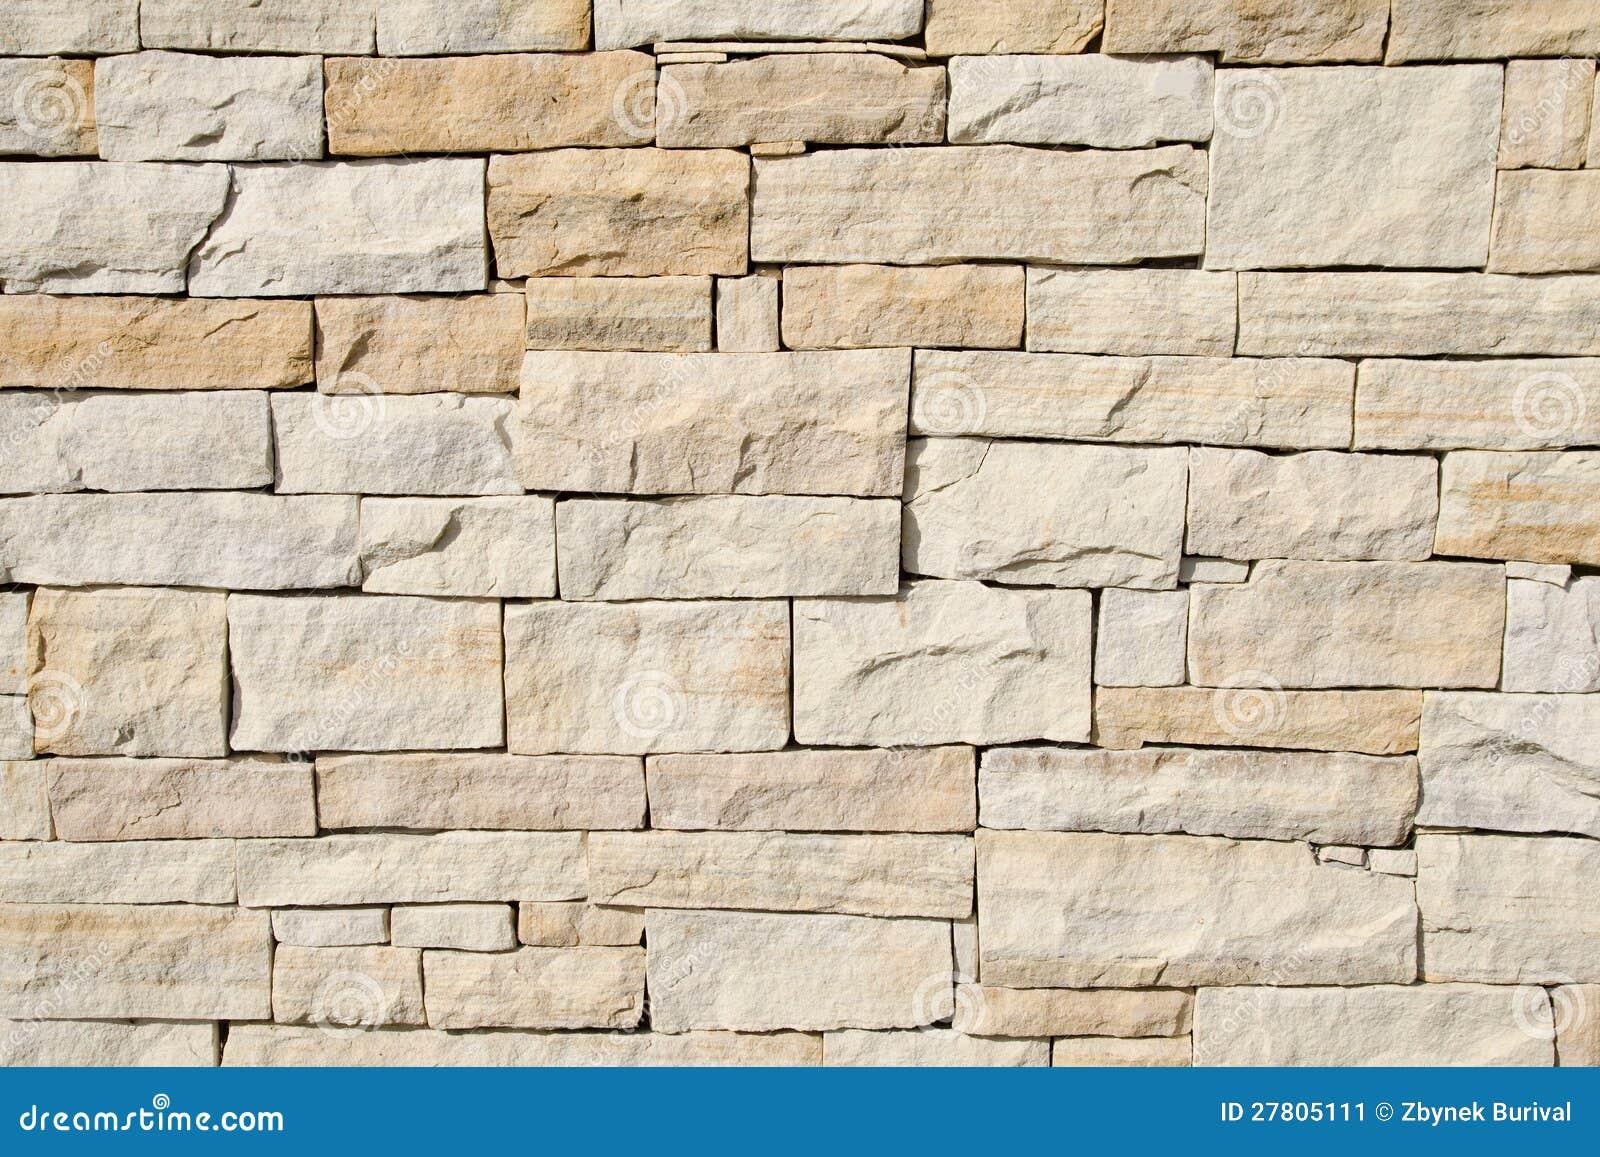 Stone Wall Texture Stock Image Image Of Background Masonry 27805111